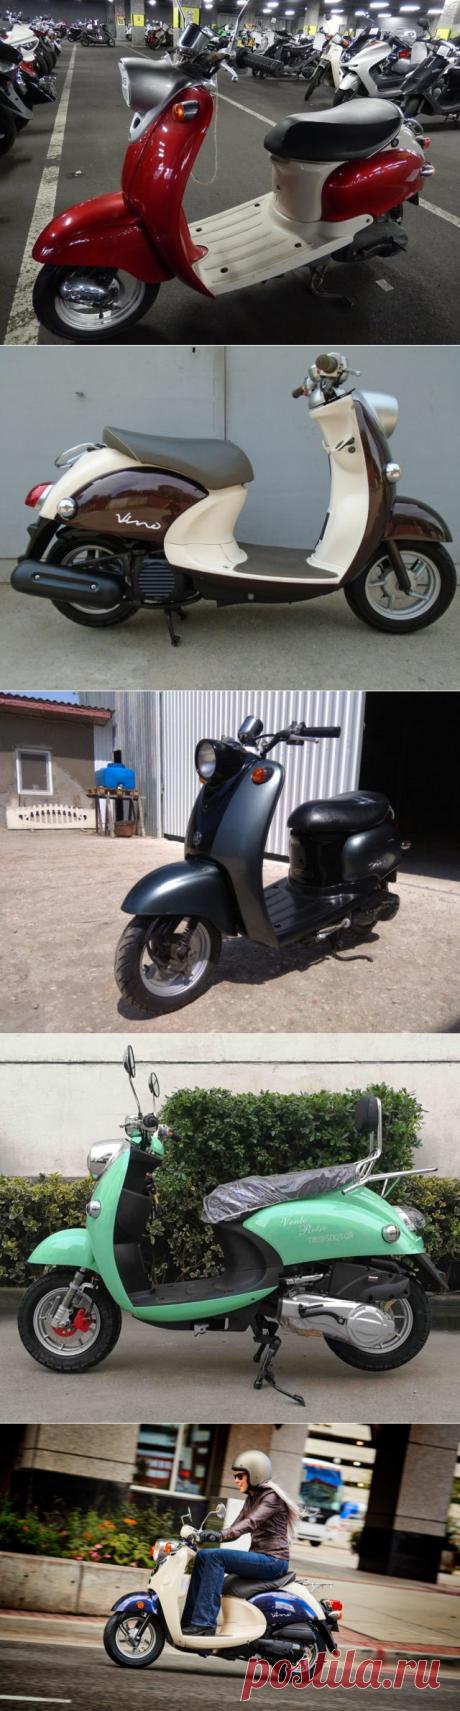 Скутер Yamaha Vino: характеристики и инструкция по эксплуатации. Отзывы